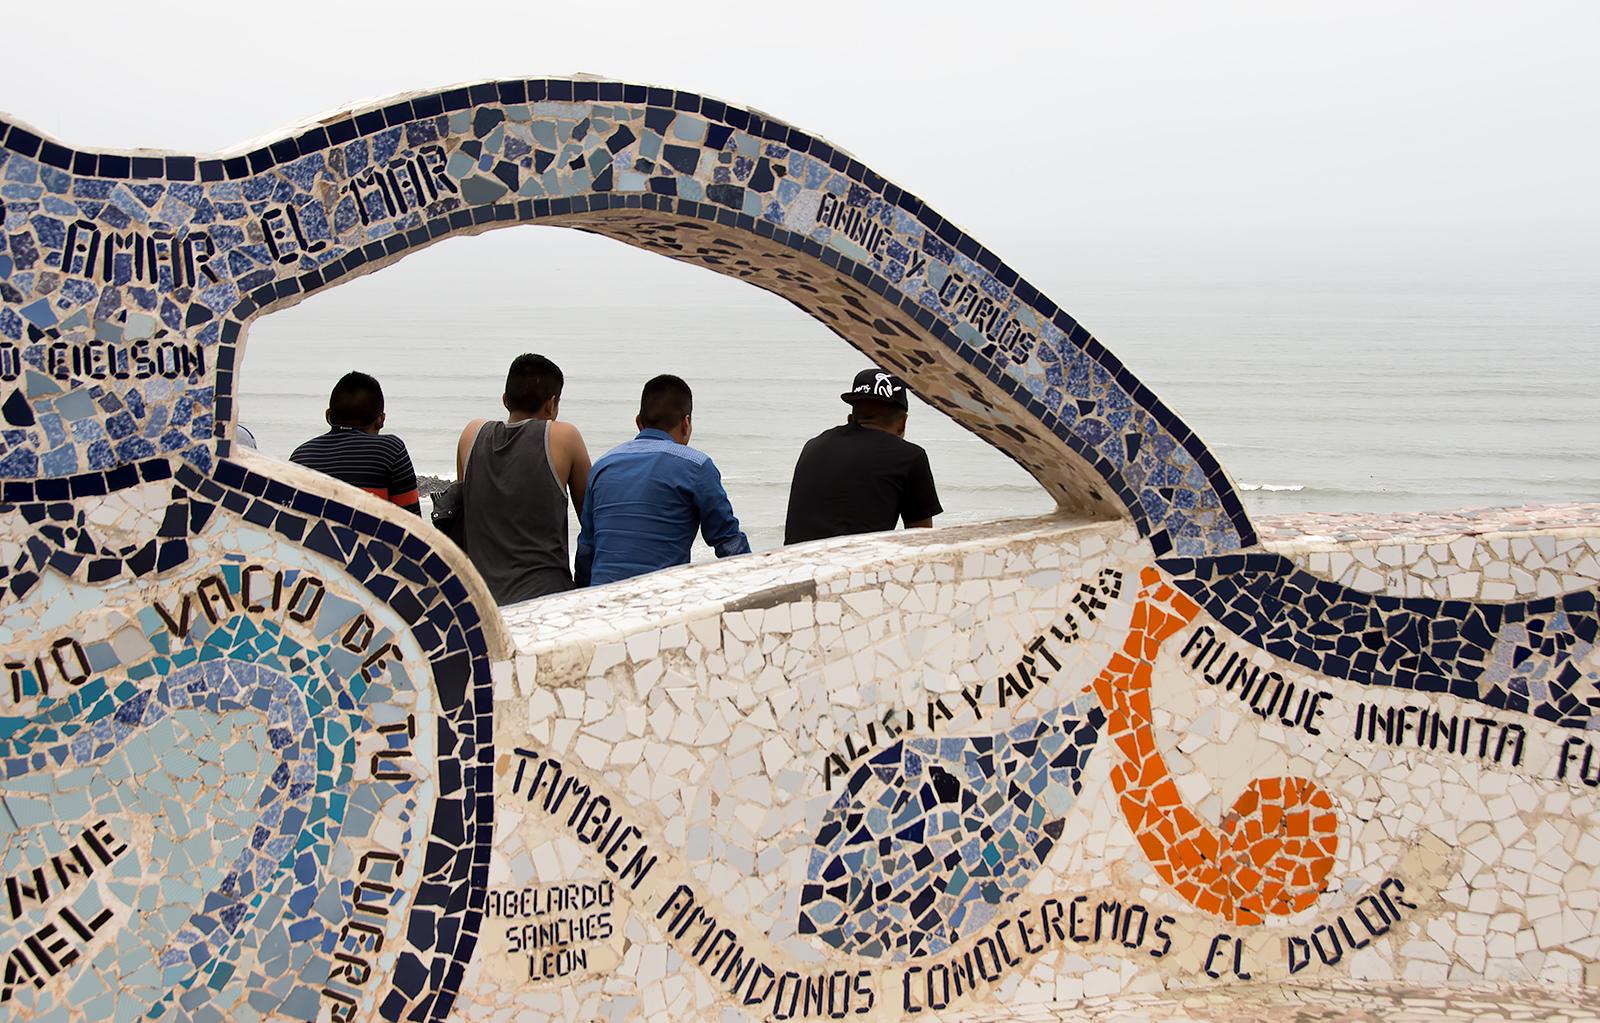 MirafloresParkPeople.jpg